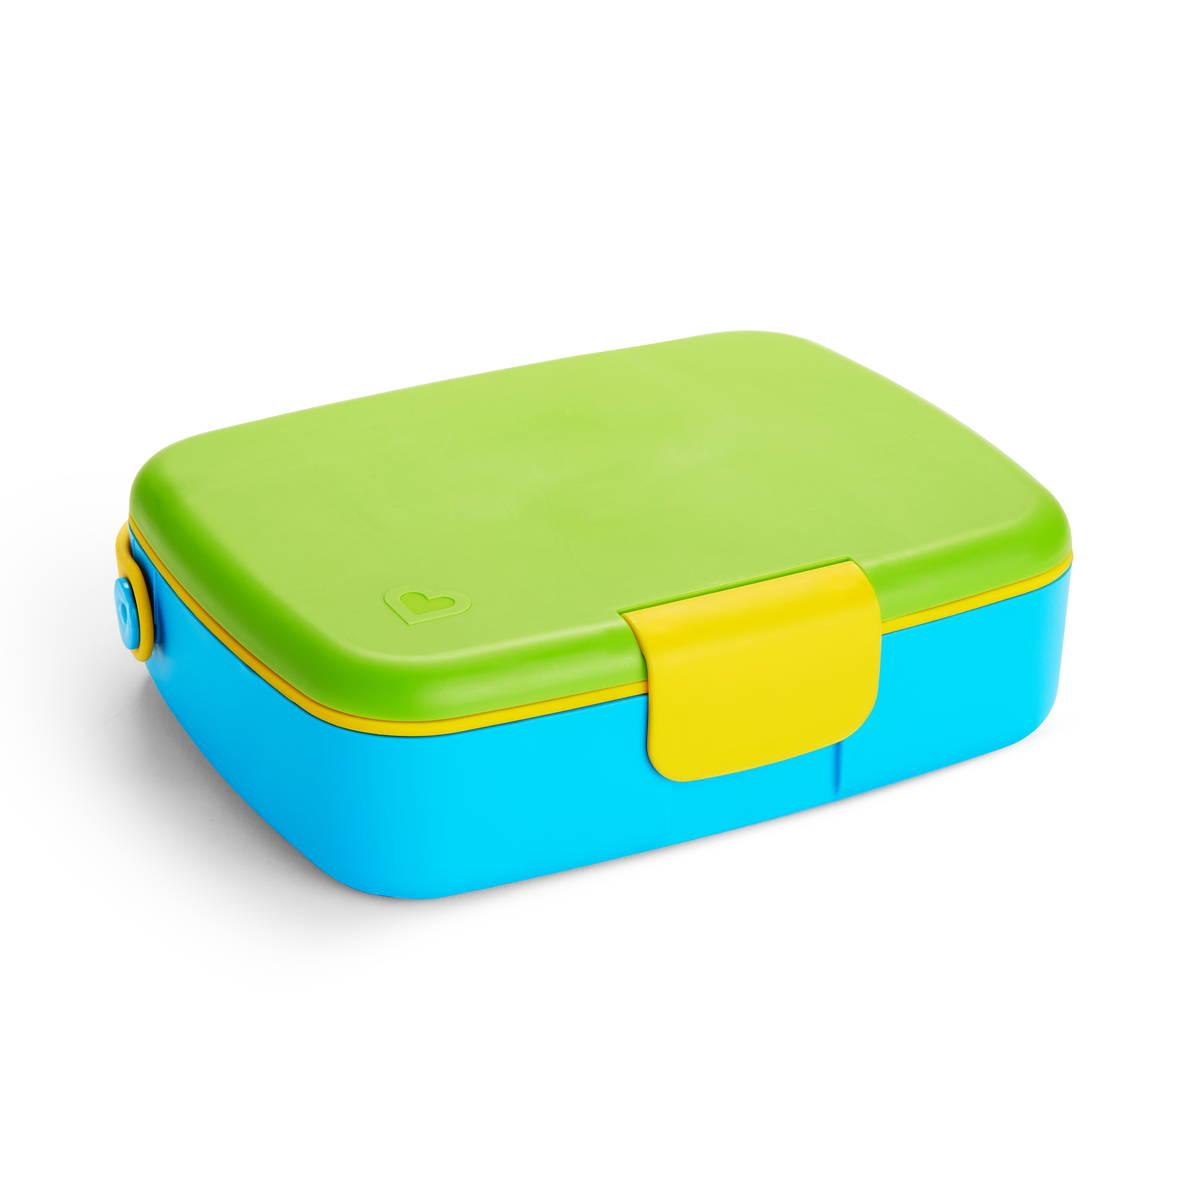 Lunch bento box green/blue Munchkin